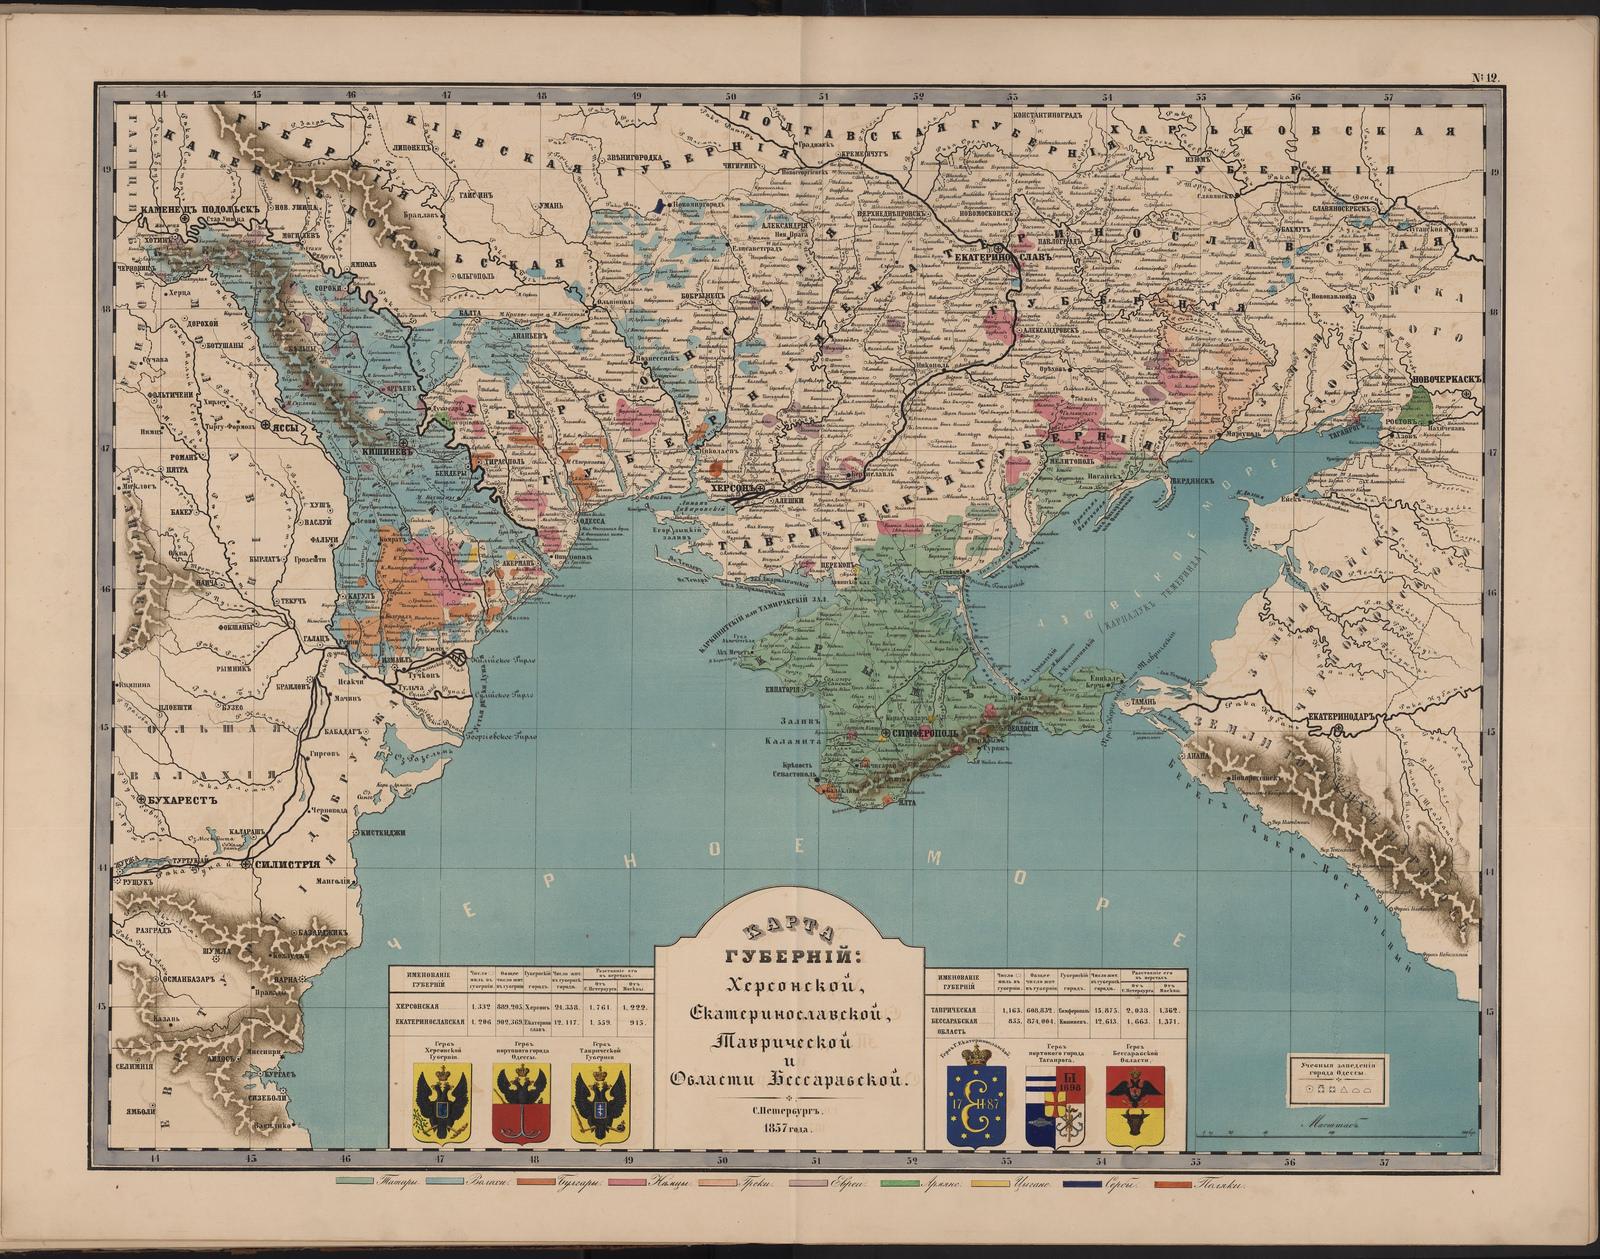 12-а. Карта губерний Херсонской, Екатеринславской, Таврической и Области Бессарабской (этн)